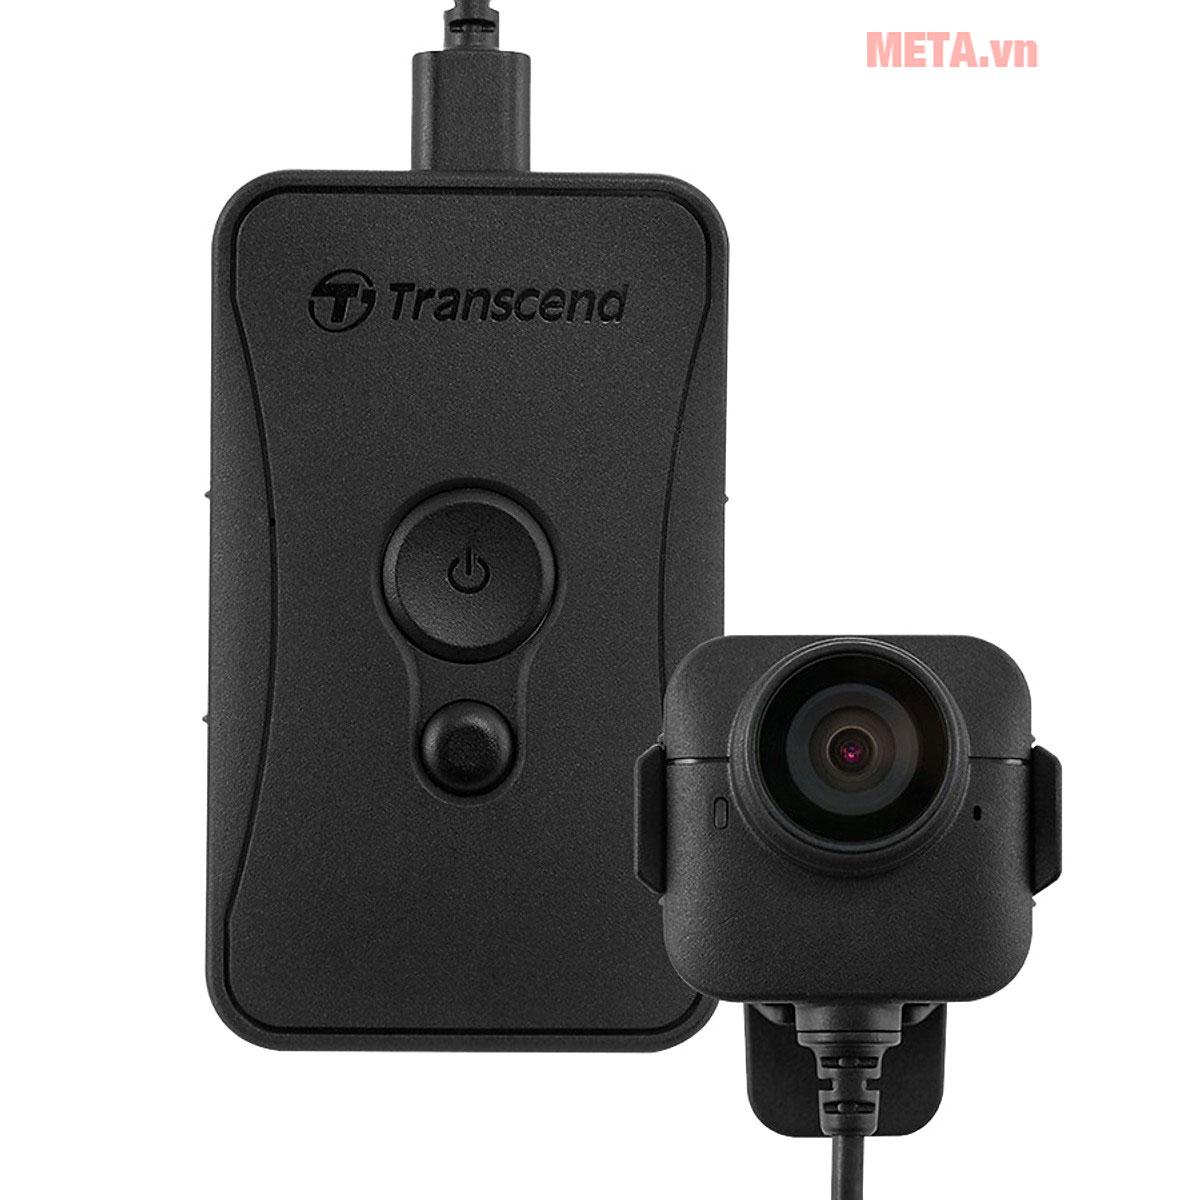 Camera Body Transcend có dung lượng pin lớn